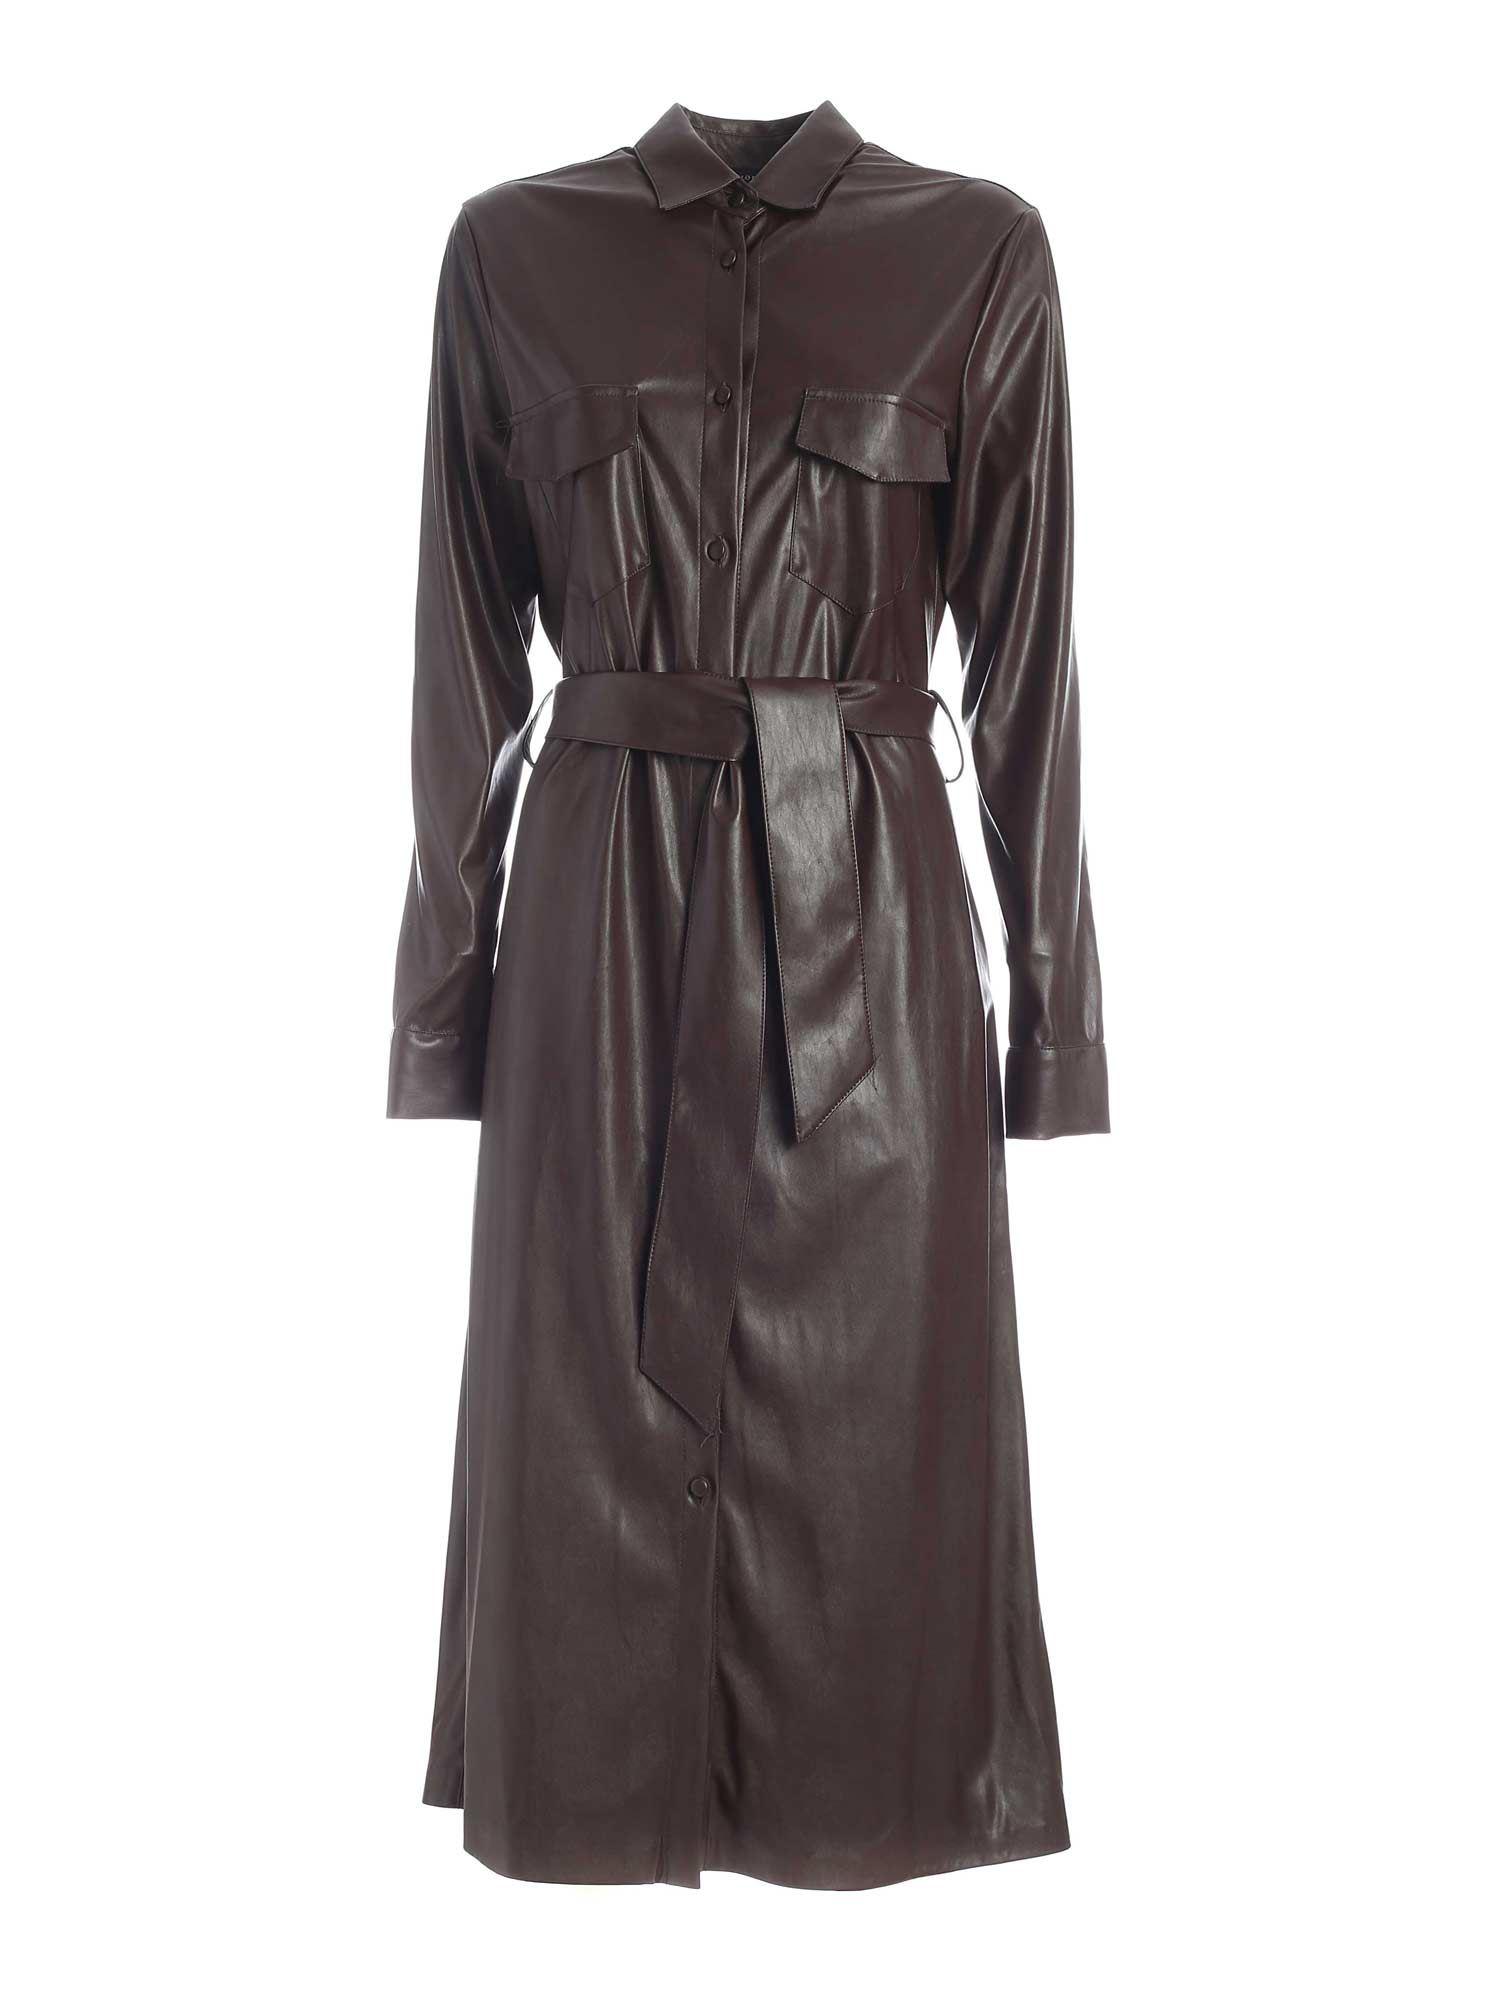 SHIRT DRESS IN COFFEE COLOR PAOLO FIORILLO CAPRI | 11 | 2262T29091890